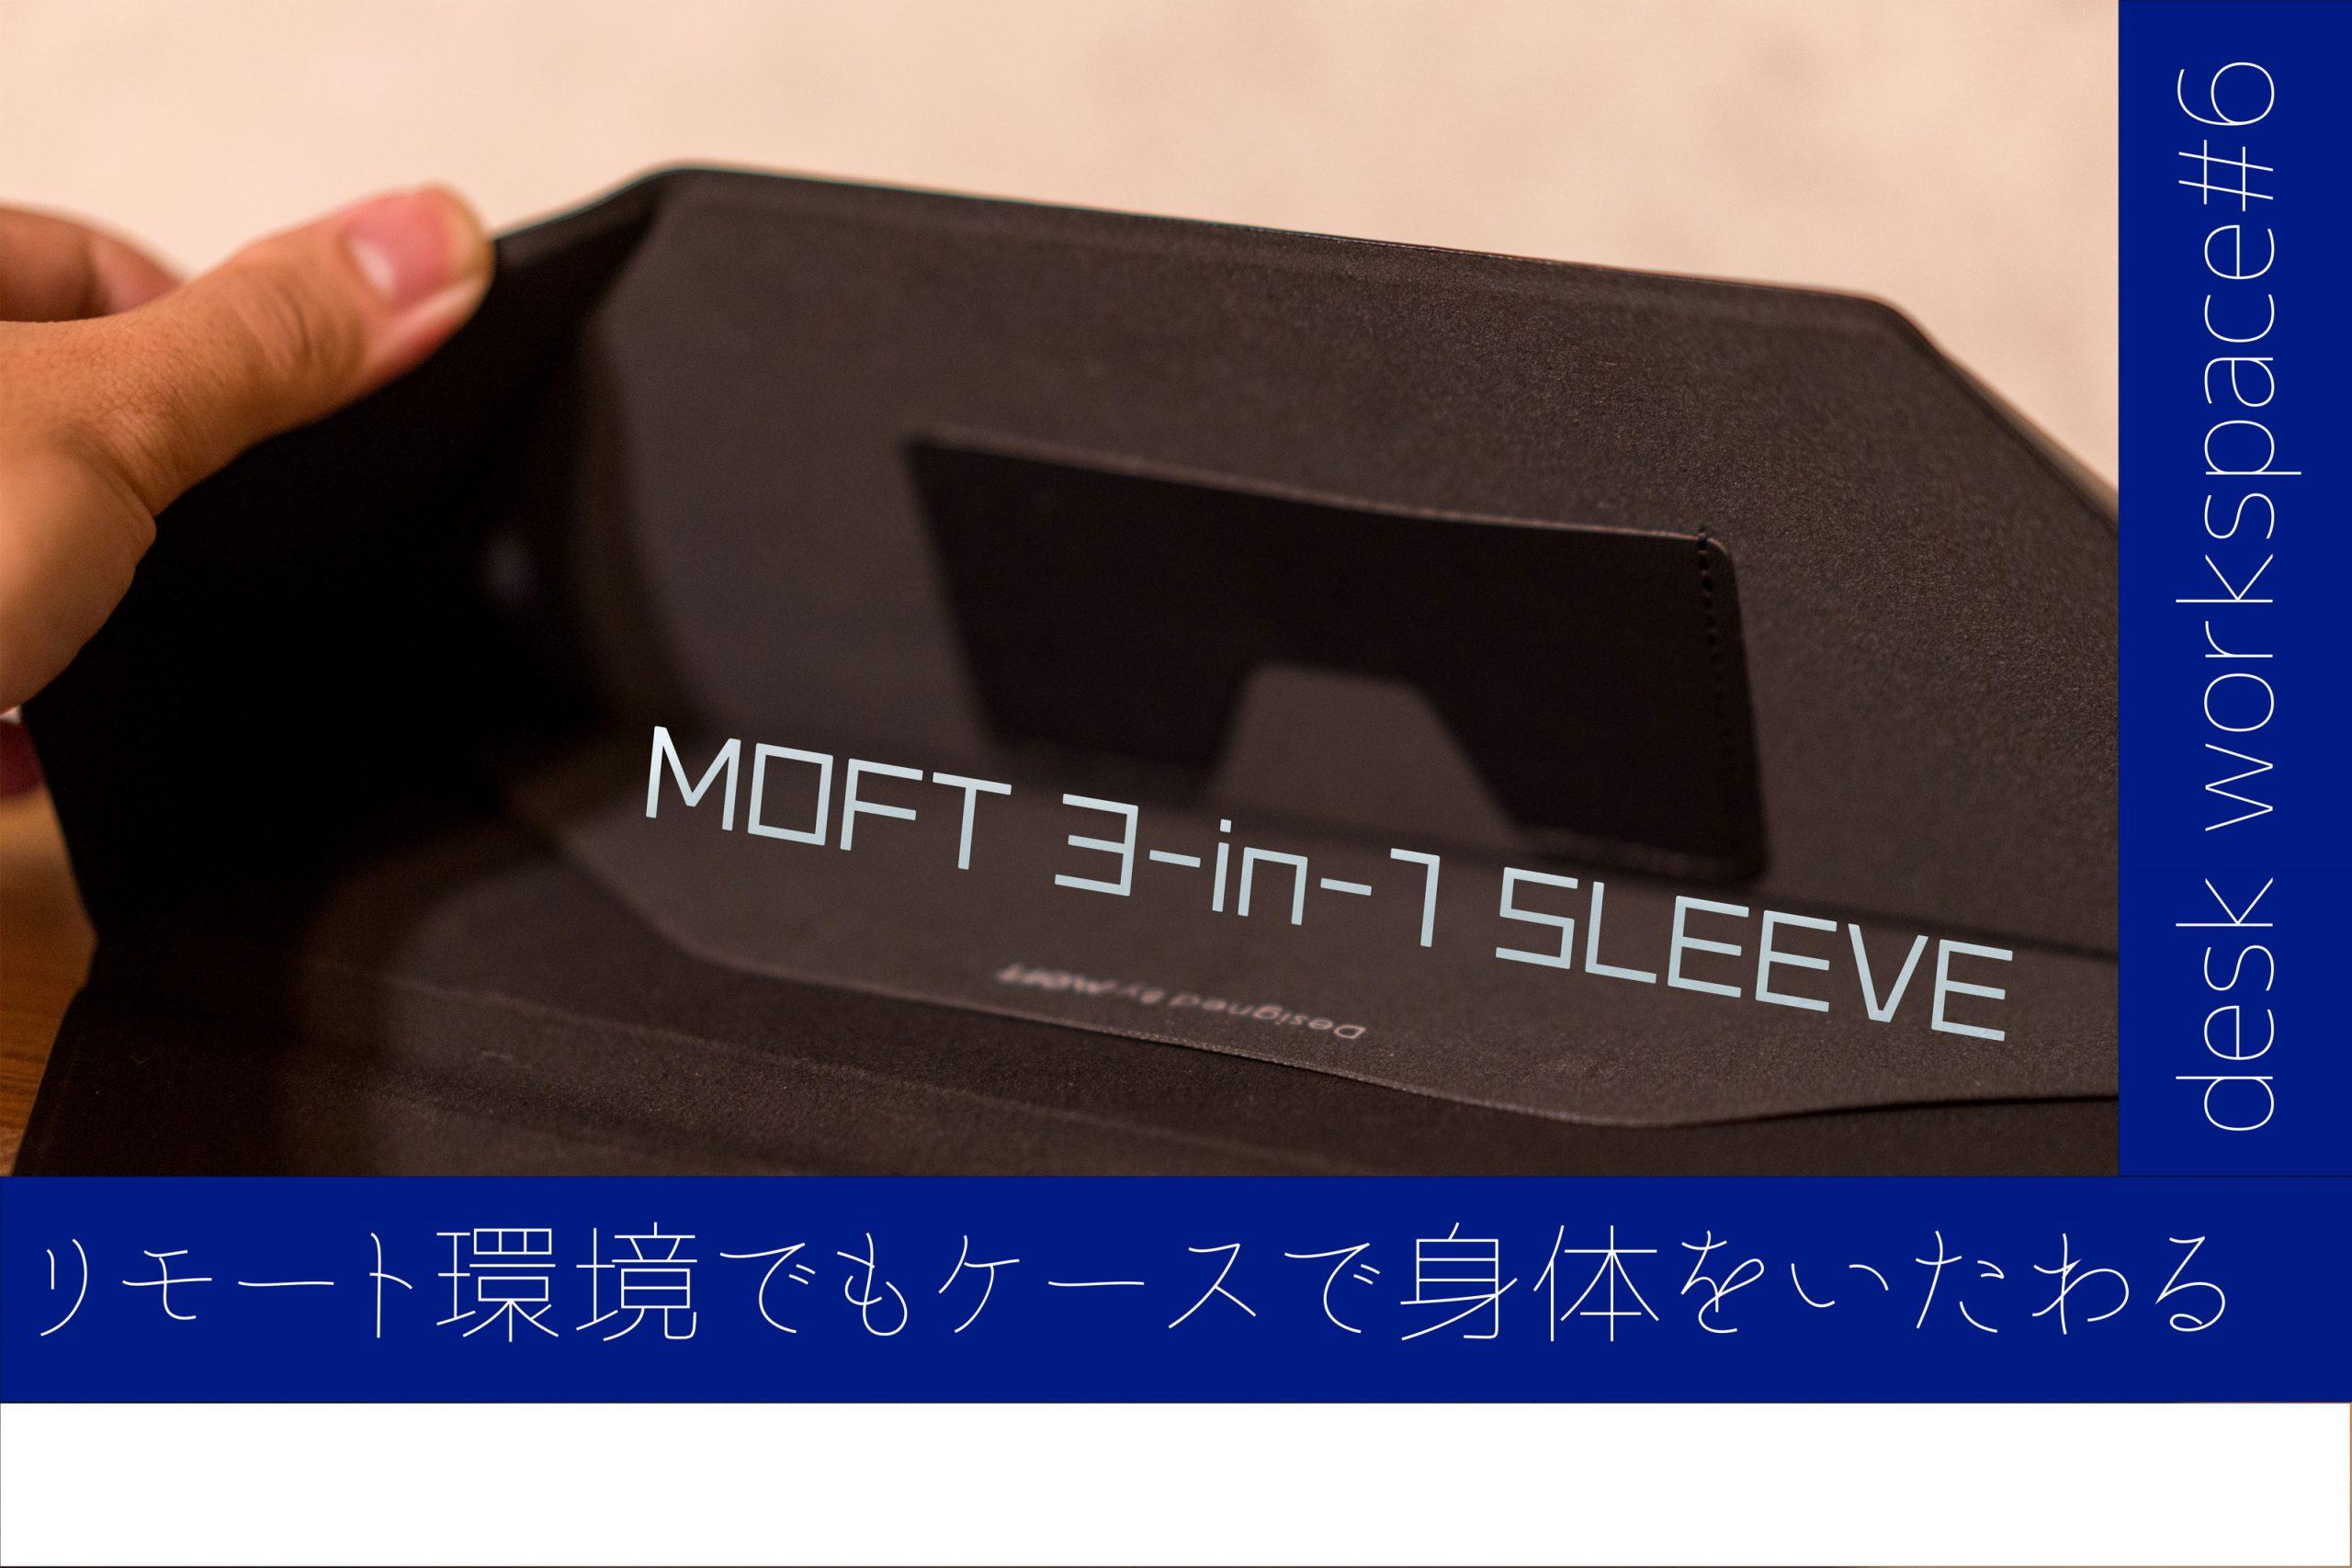 【デスク作業環境#6】ノートパソコンスタンドにも。『MOFT』スリーブケースがいいアイデア